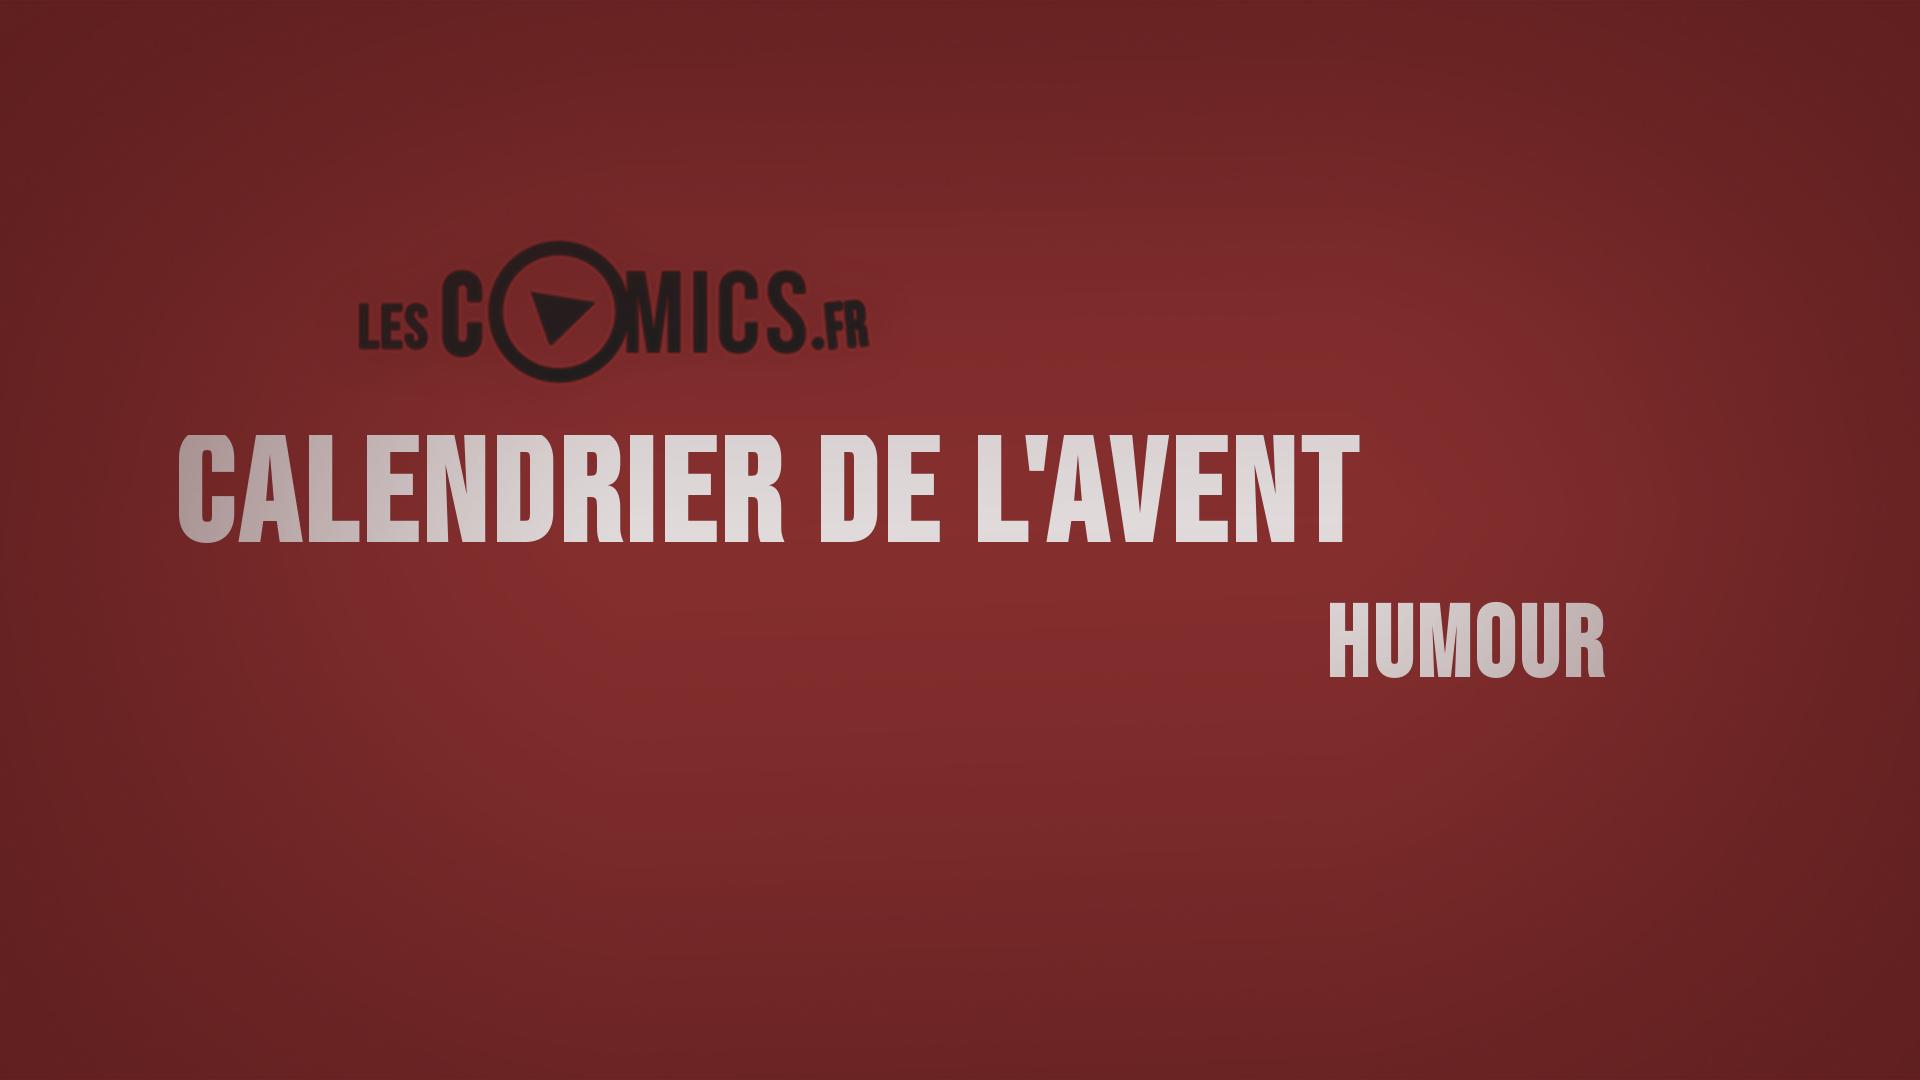 Calendrier De Lavent Humour.Calendrier De L Avent Jour 2 Humour Lescomics Fr